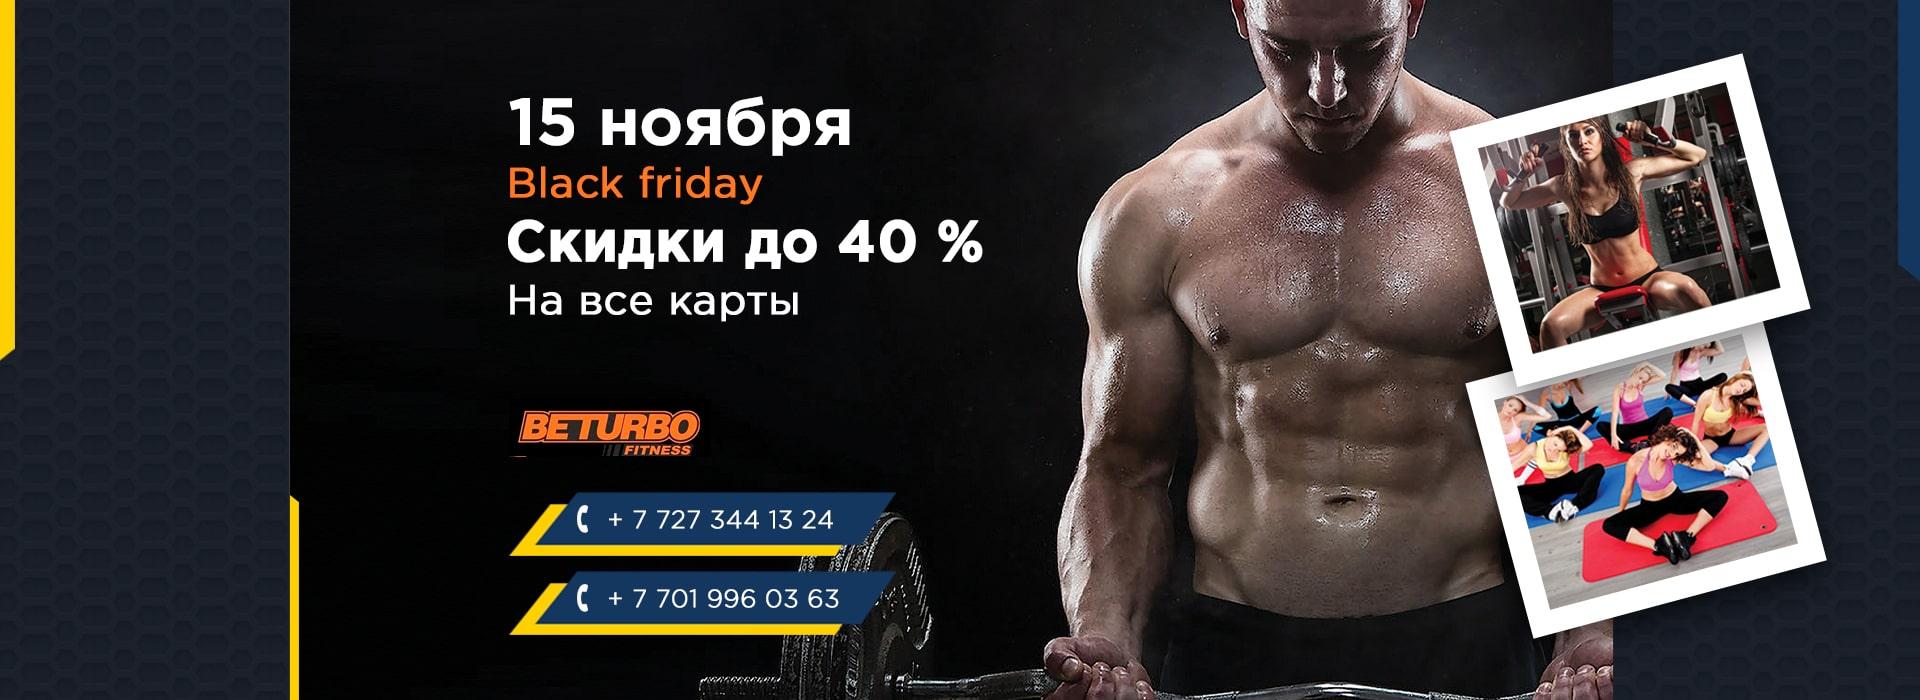 Fitness-biturbo-min